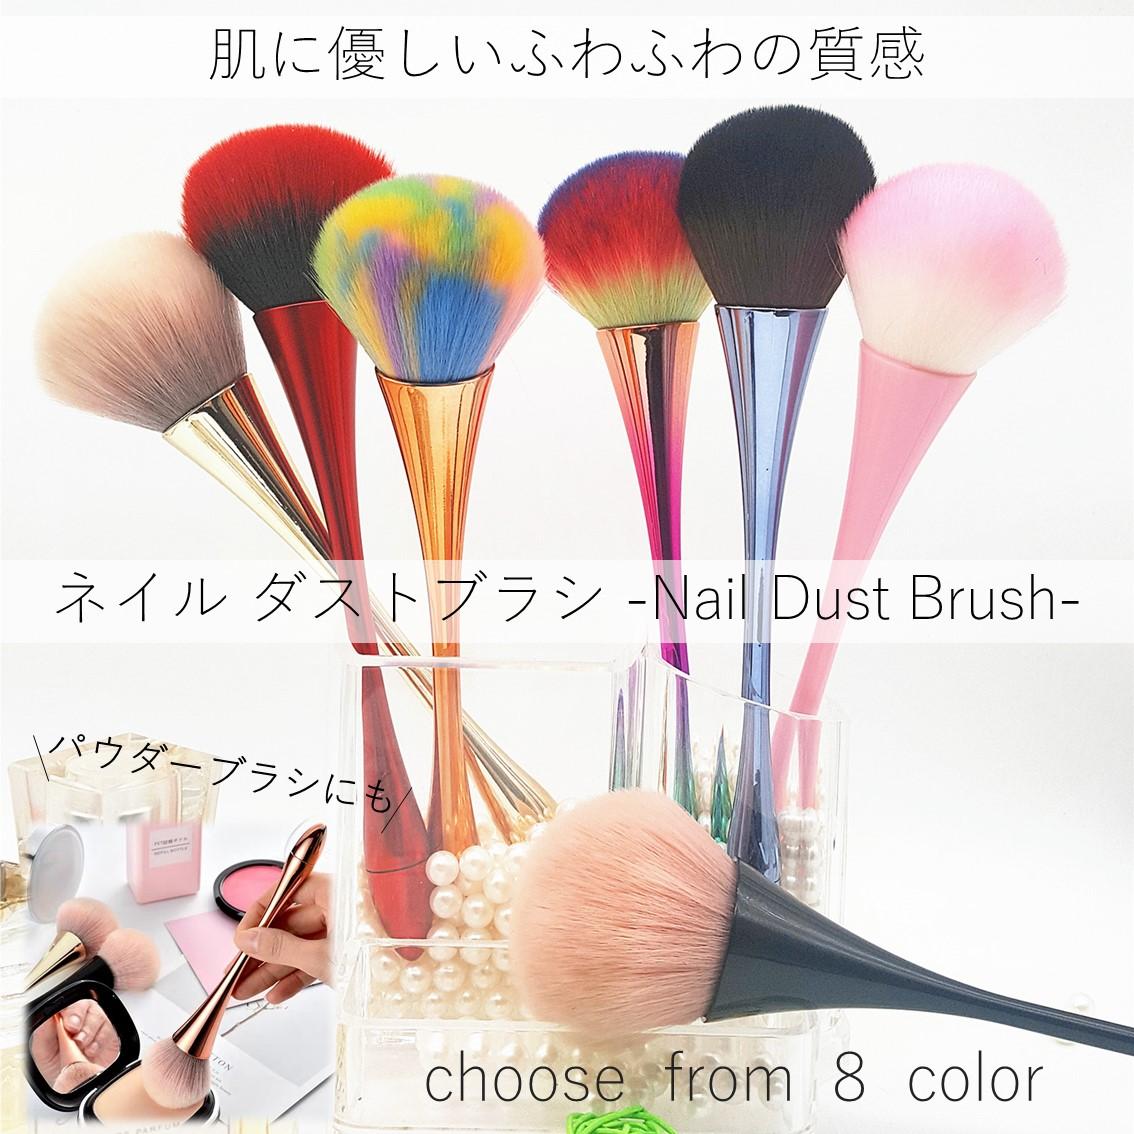 送料 無料 ジェルネイル ネイルセット ネイルキット gel nail color ブラシ カラージェル ロング ケアグッズ 筆 セット 全商品オープニング価格 キット 品質保証 ネイルブラシ ネイル ダストブラシ 1色選べる ケア用品 L